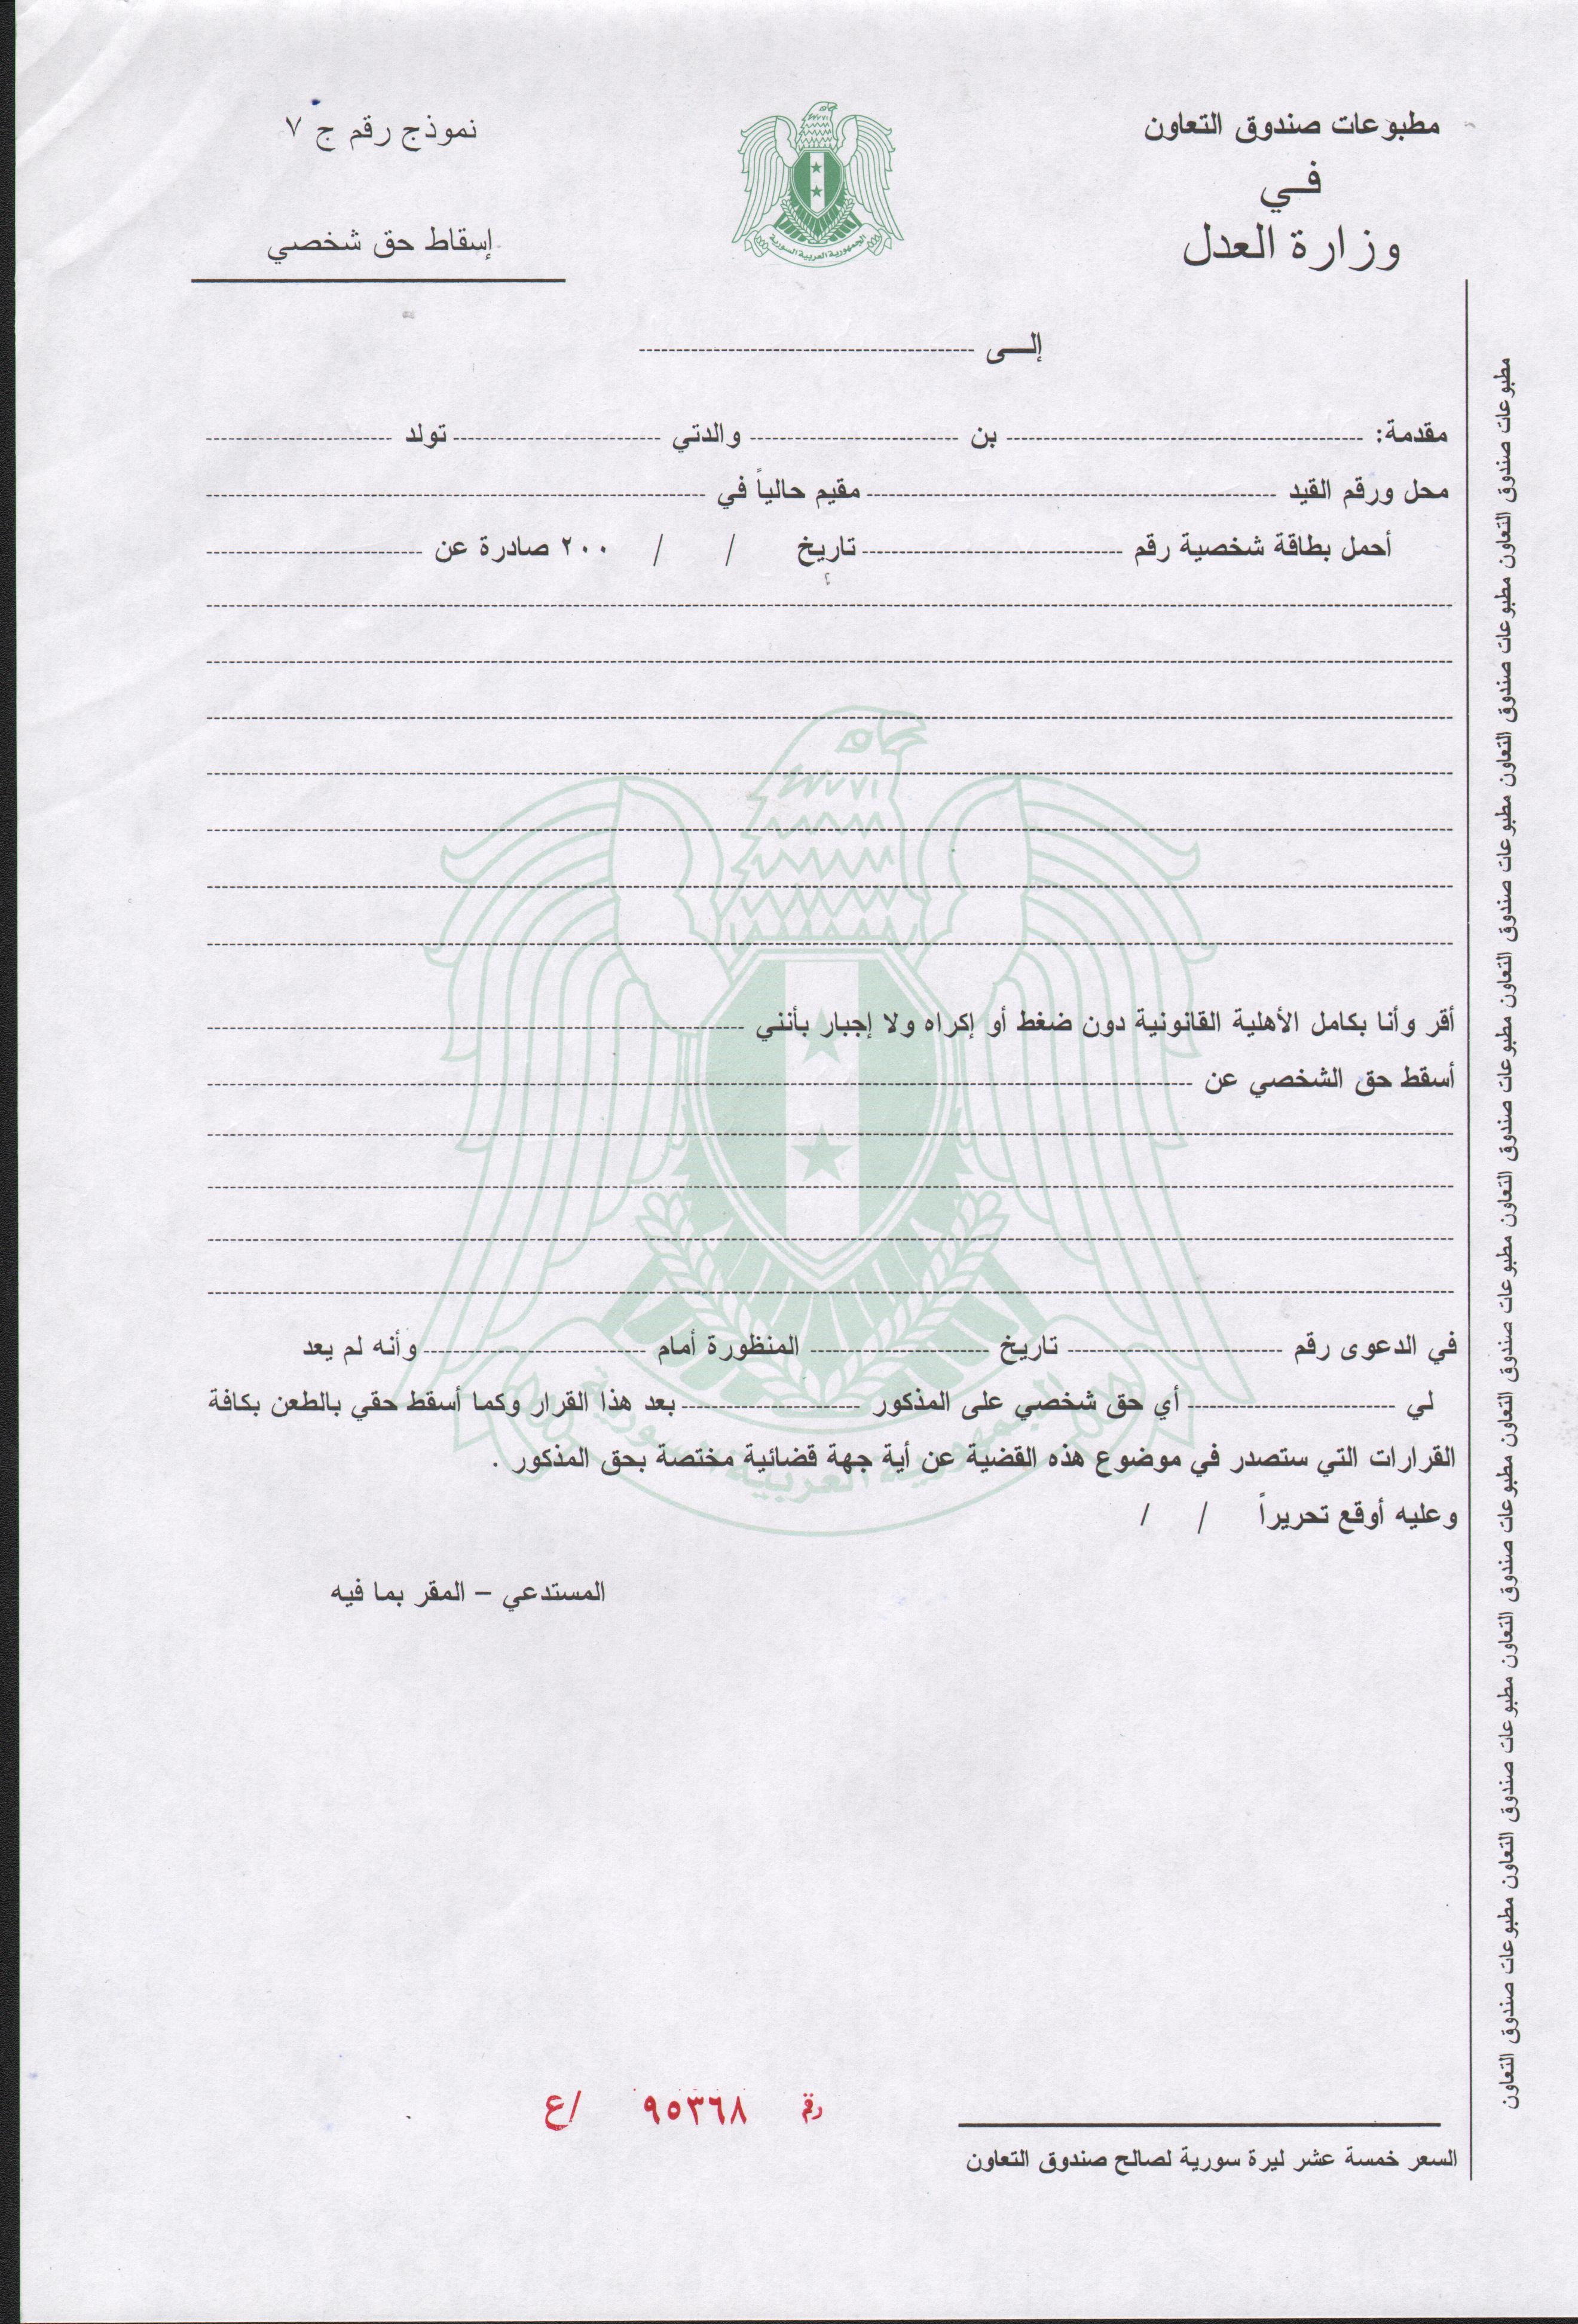 القنصلية الفخرية للجمهورية العربية السورية في مونتريال